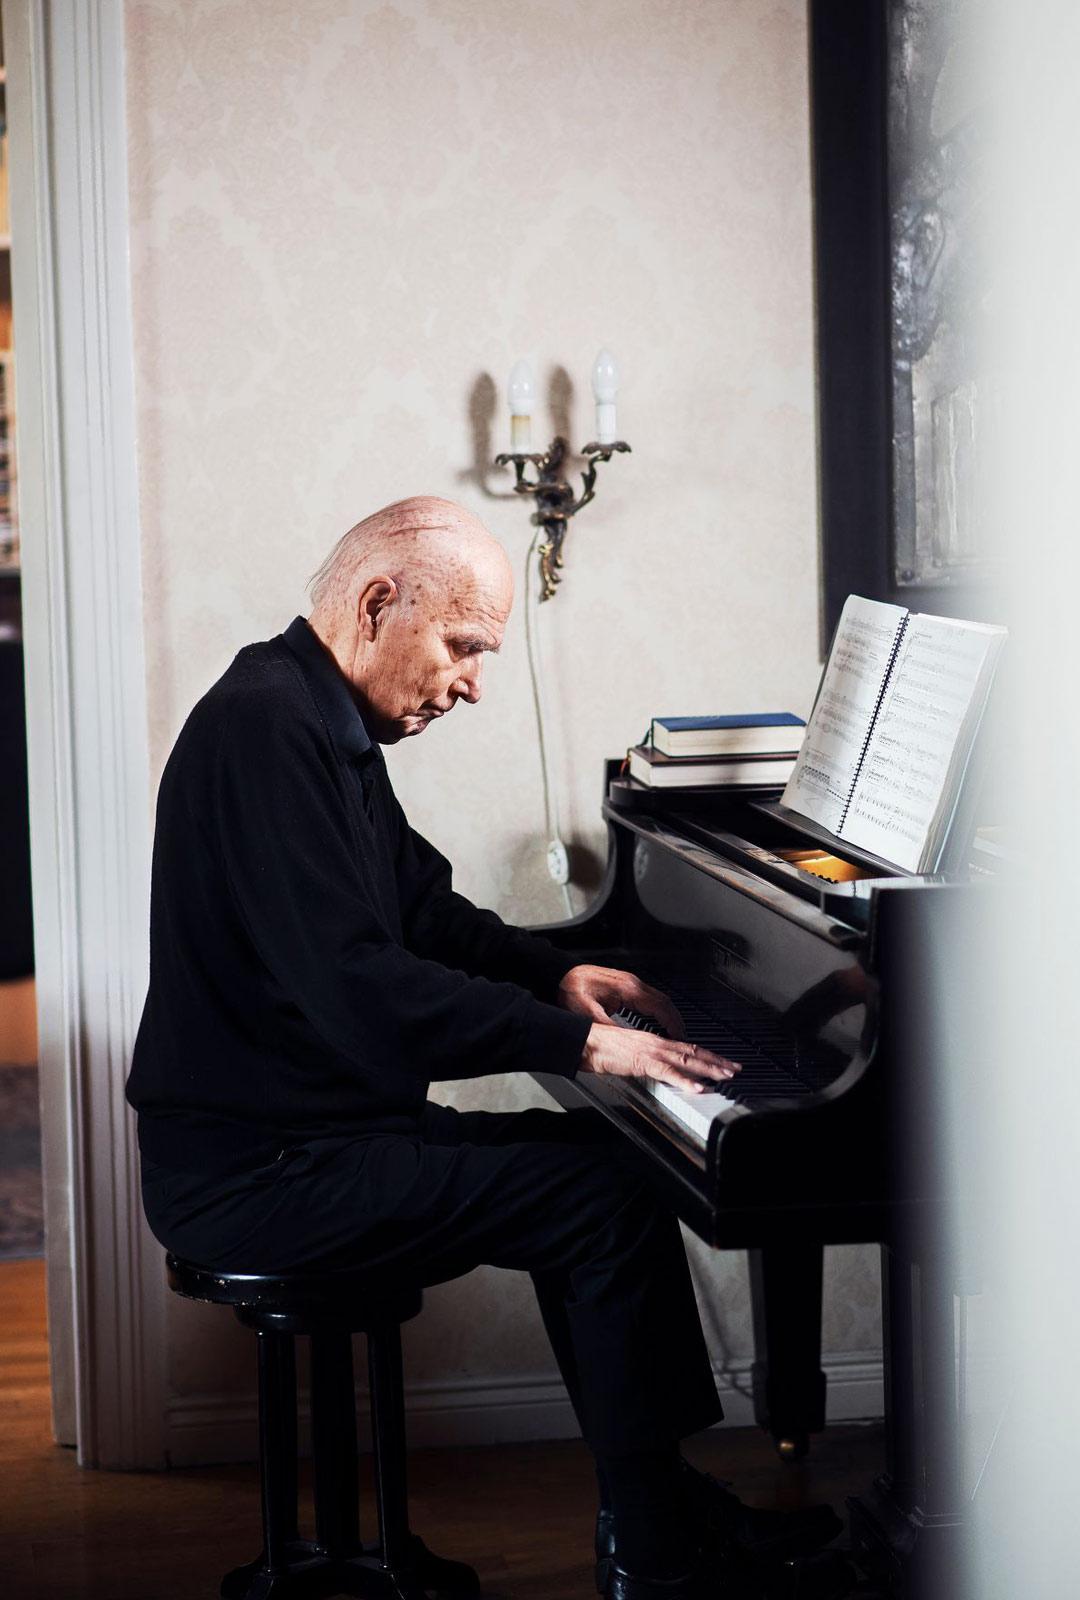 Selvittyään haimasyövästä Kari Tikka ymmärsi, että hän on saanut aikaa paitsi läheisille myös säveltämiselle. Hän työsti loppuun oopperan Rakkaus on väkevä kuin kuolema.